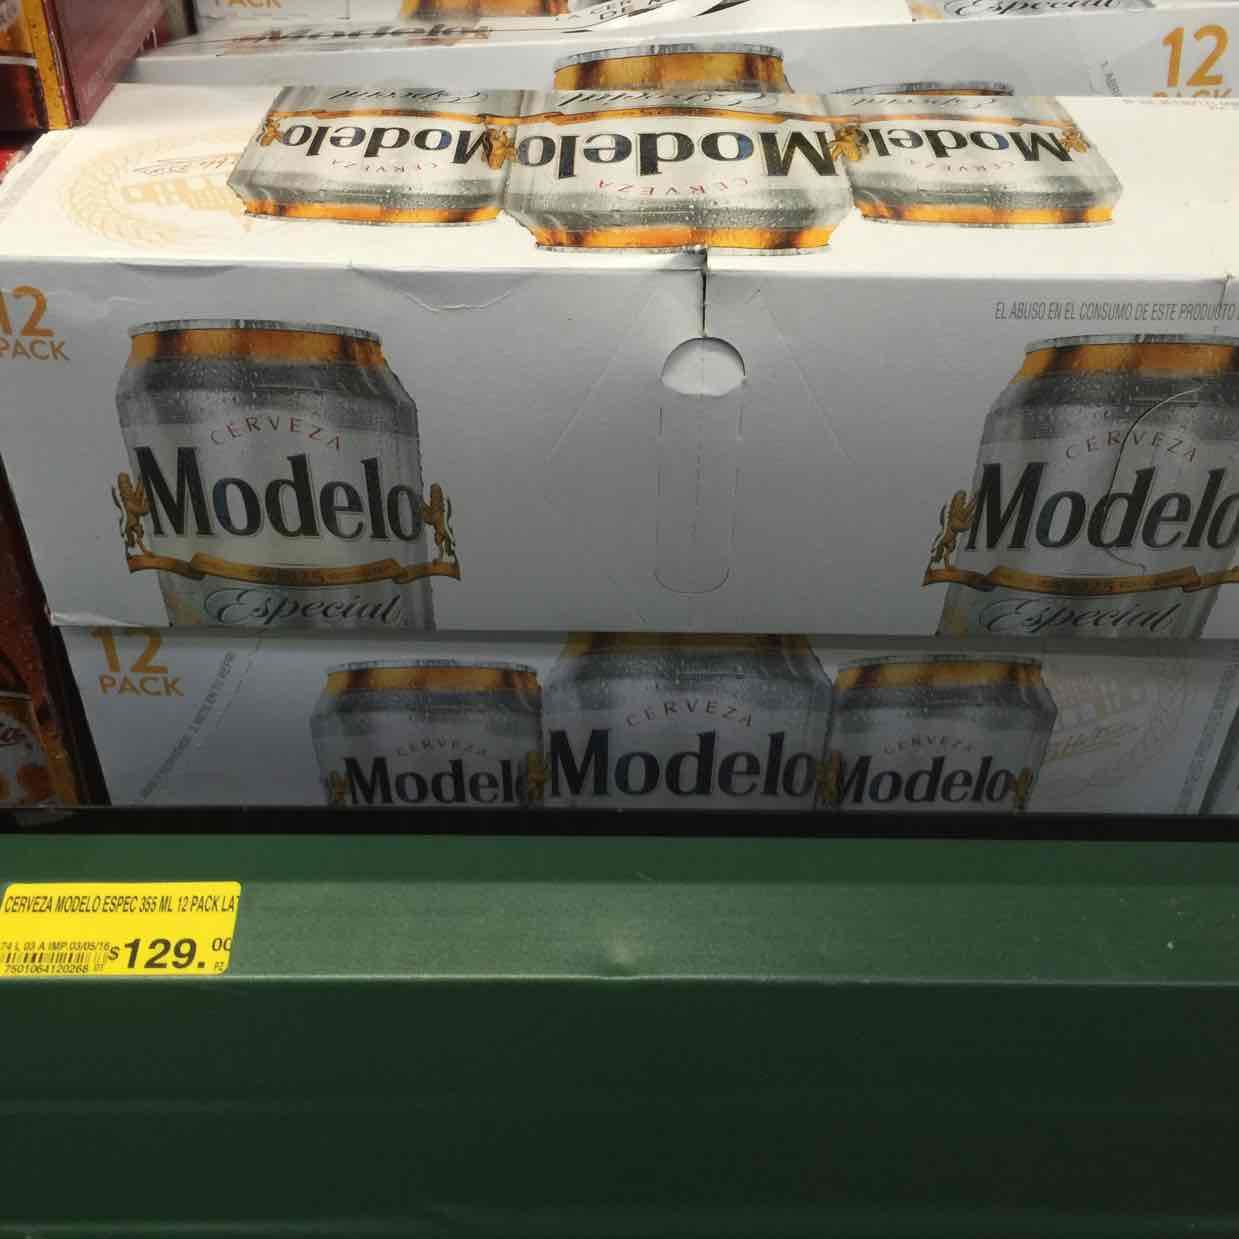 Soriana Cuitláhuac: cerveza Modelo especial 12 pack a $129